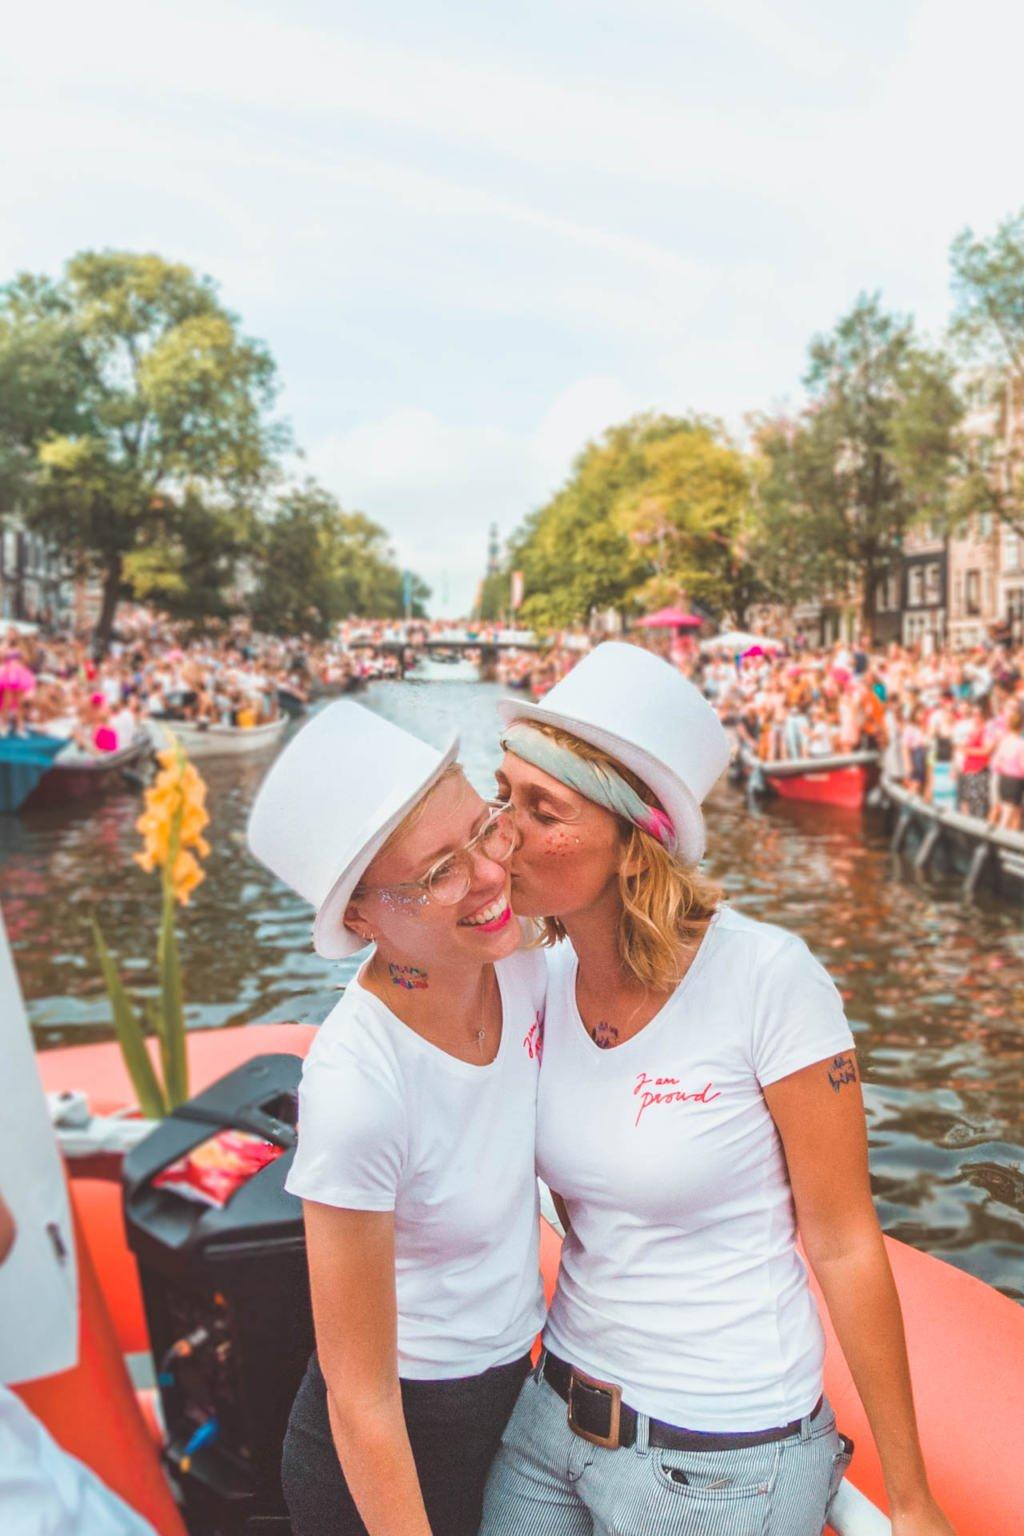 Amsterdam Gay Pride, Canal Parade, lesbian kiss